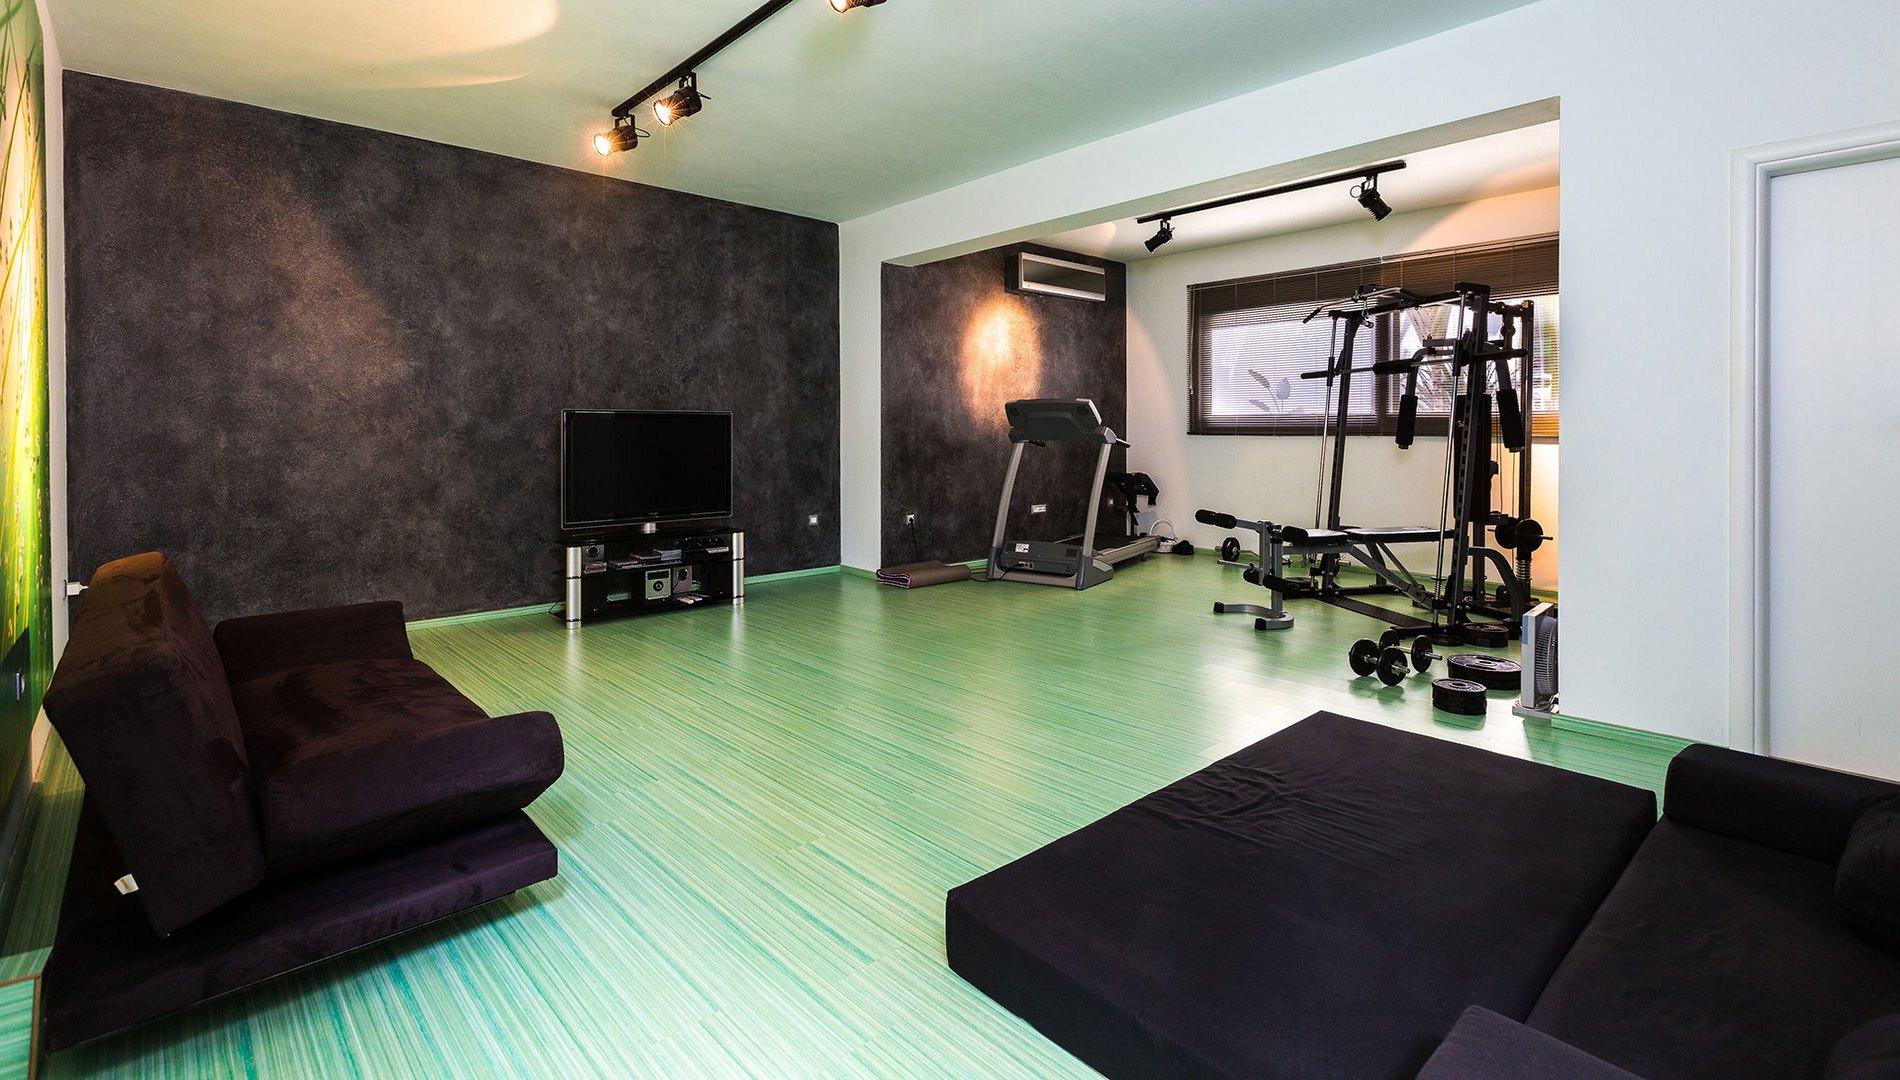 Gym-play room (Копировать)